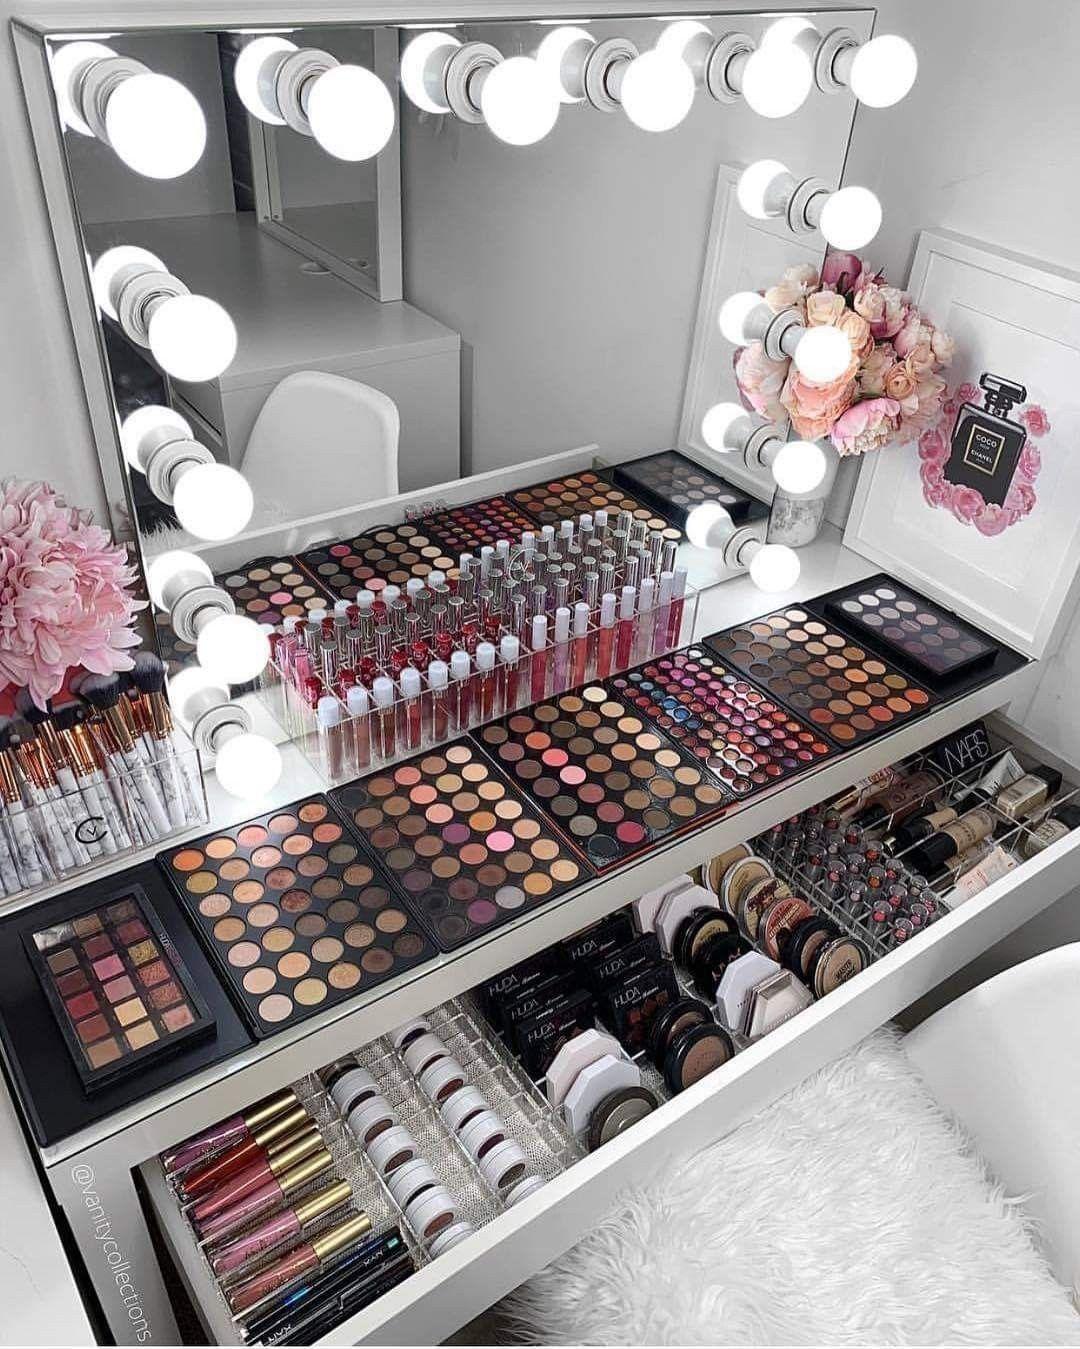 How To Organize Display Makeup In Cool Ways Makeup Organization Makeup Vanity Makeup Storage Orga Makeup Room Decor Salon Interior Design Makeup Beauty Room